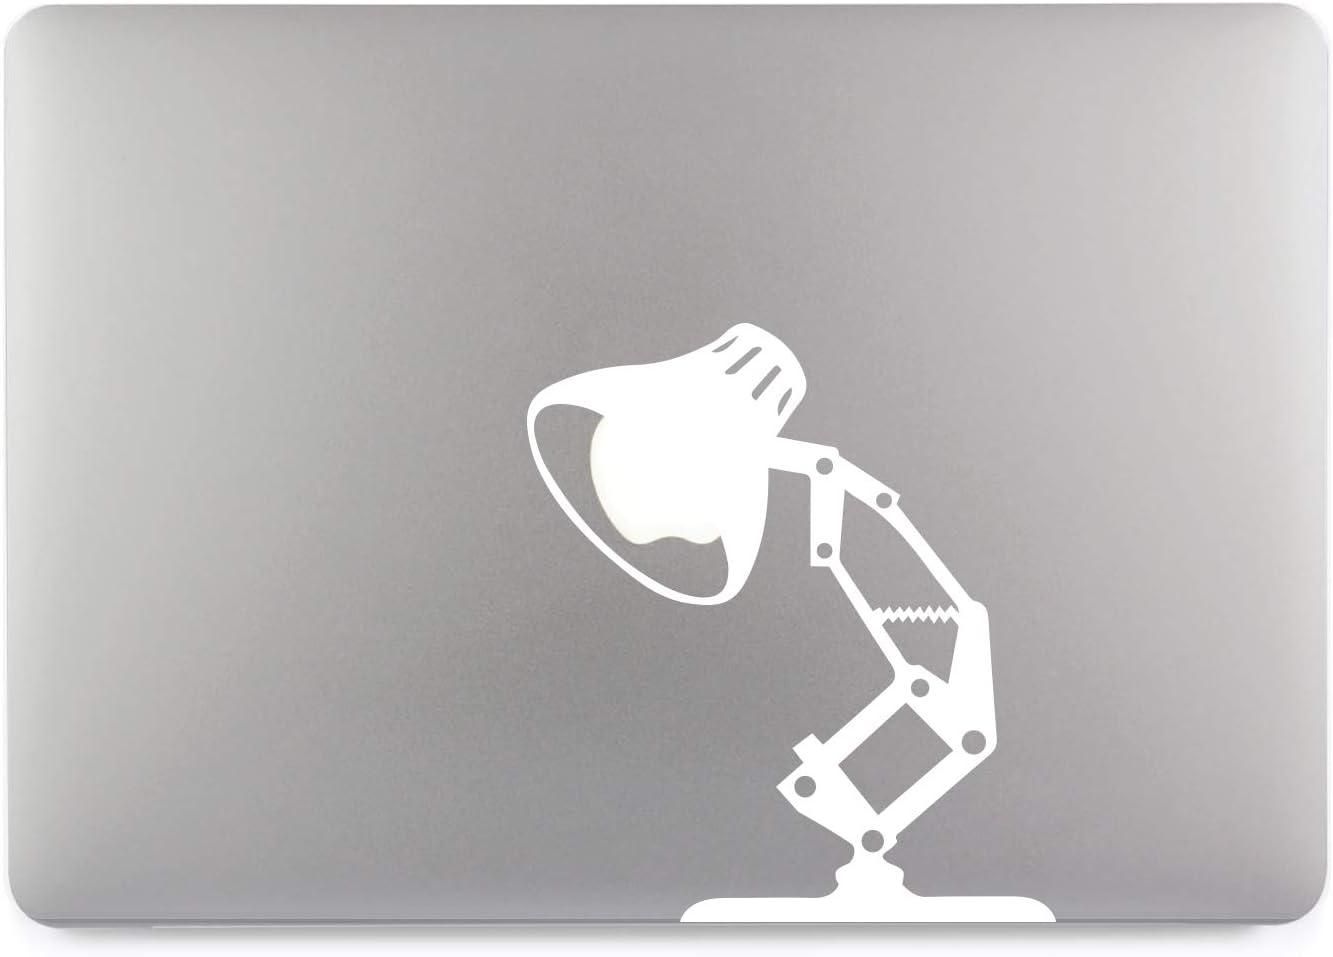 Lampe Lamp Tischlampe Aufkleber Skin Decal Sticker Computer Zubehör